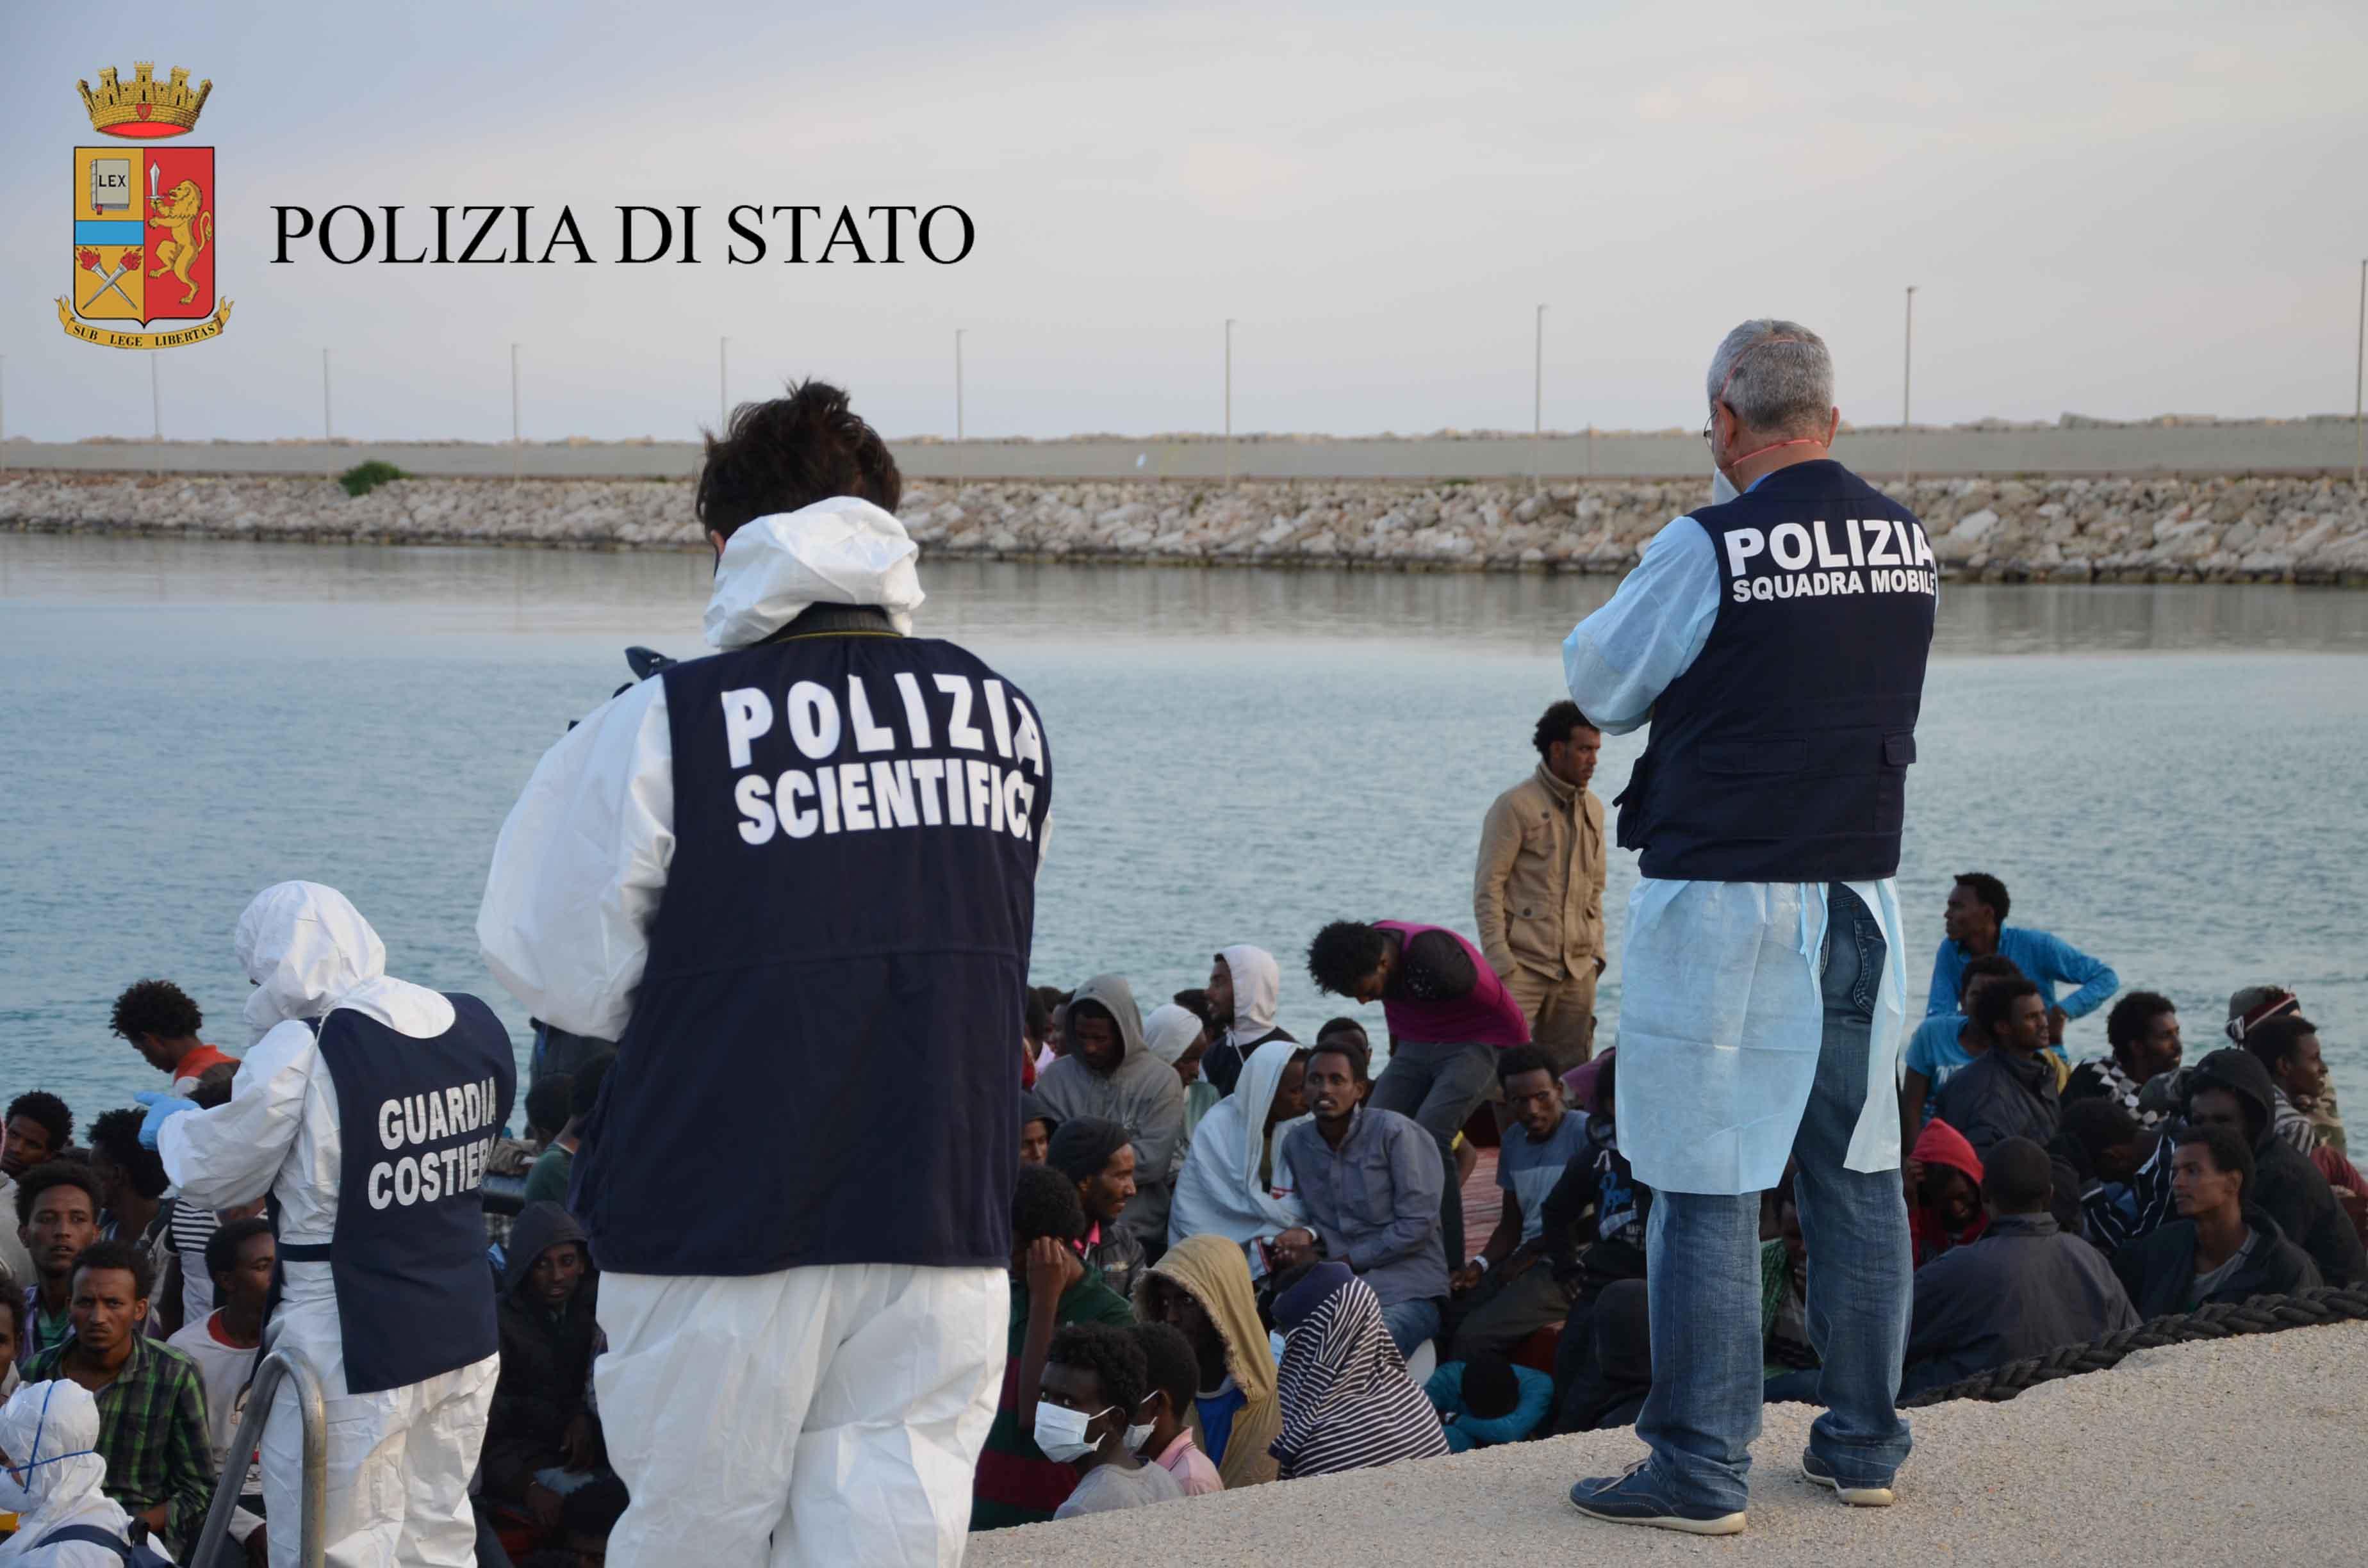 Sbarco di 111 migranti a Pozzallo, fermati due presunti scafisti